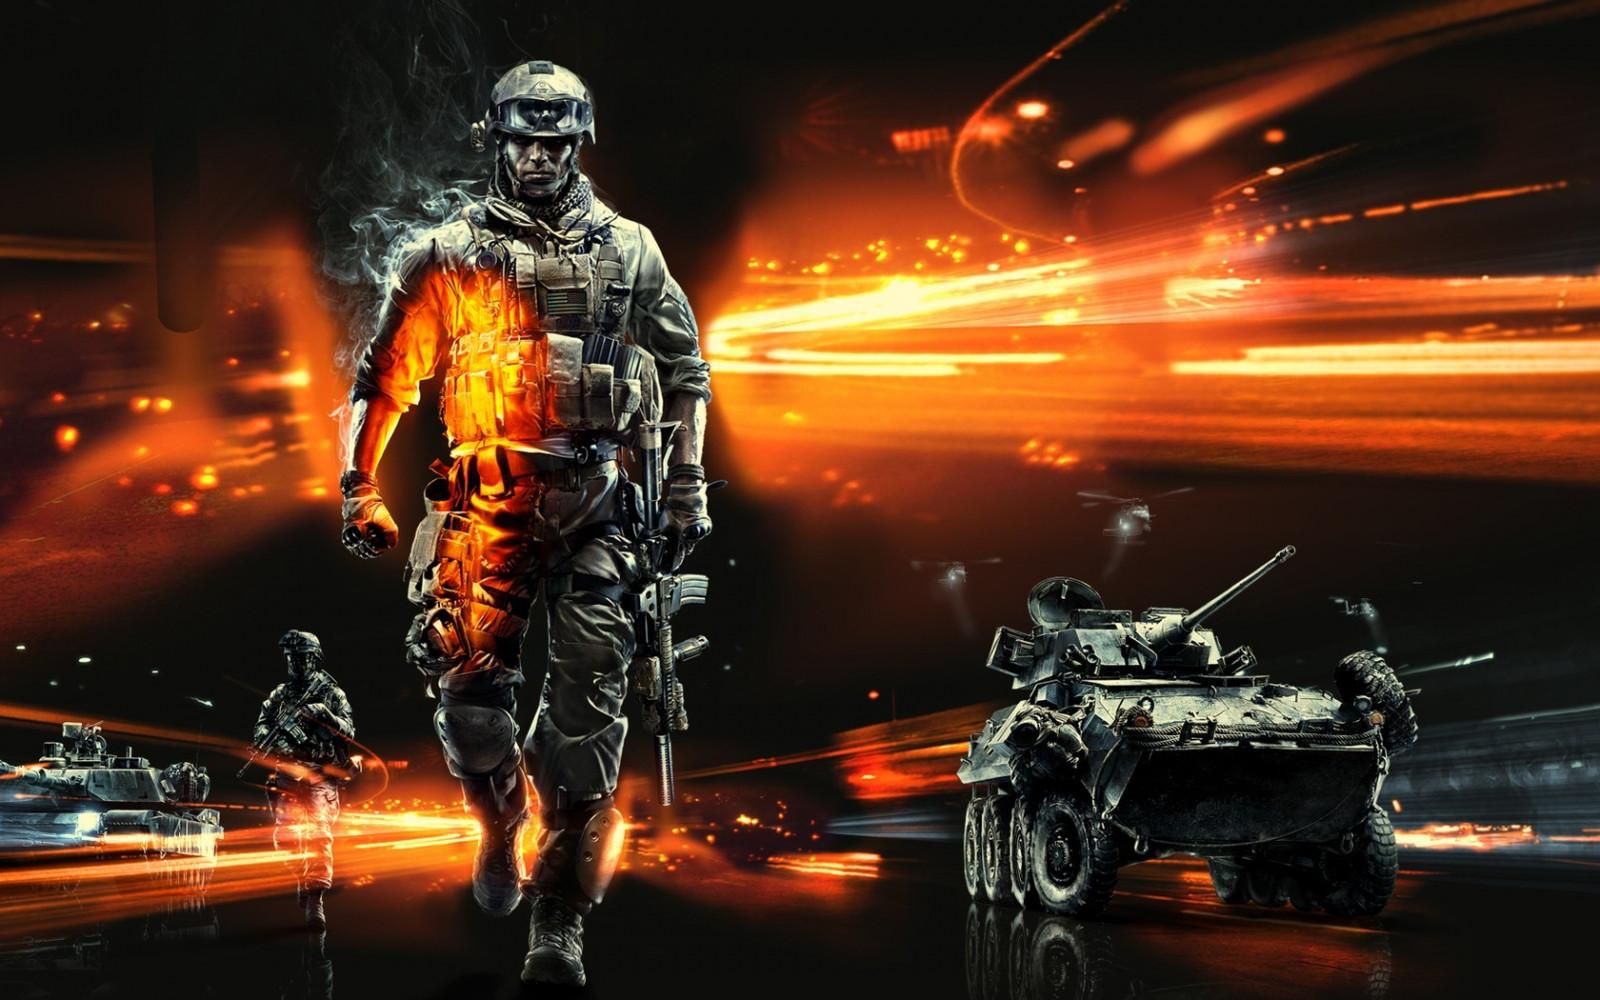 Wallpaper : video games, screenshot, 1680x1050 px ...